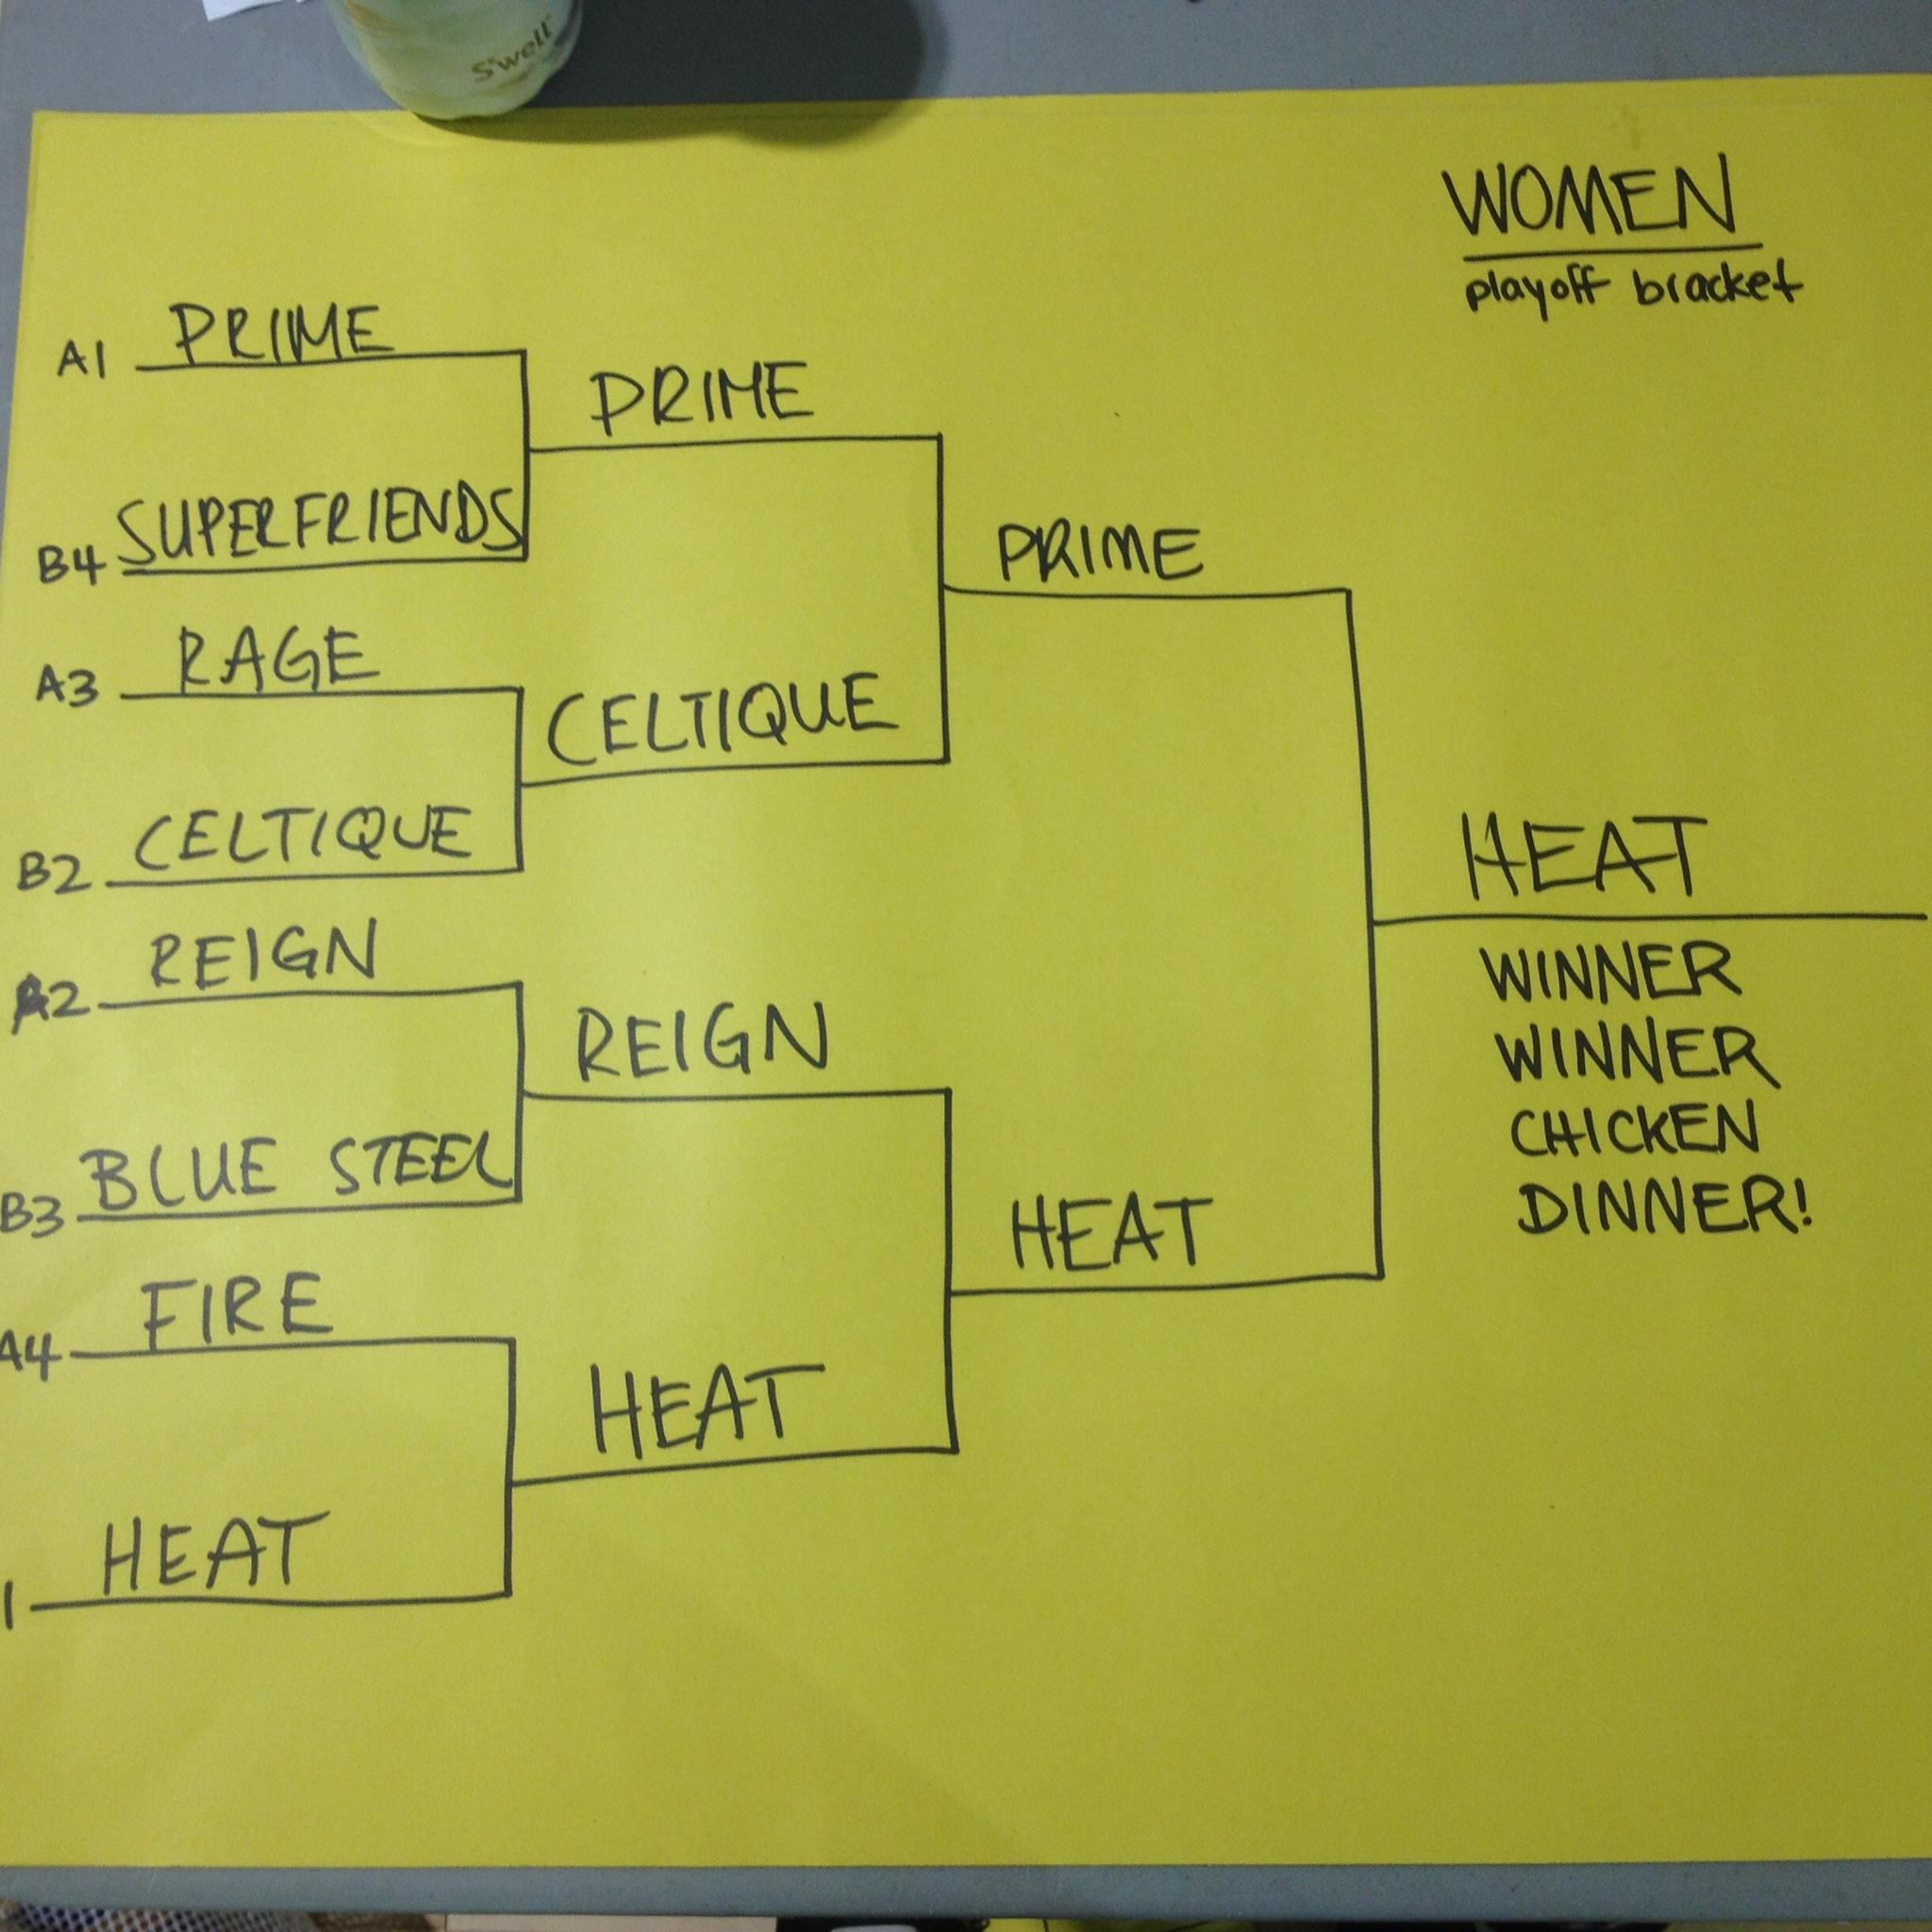 Women's Playoff Bracket